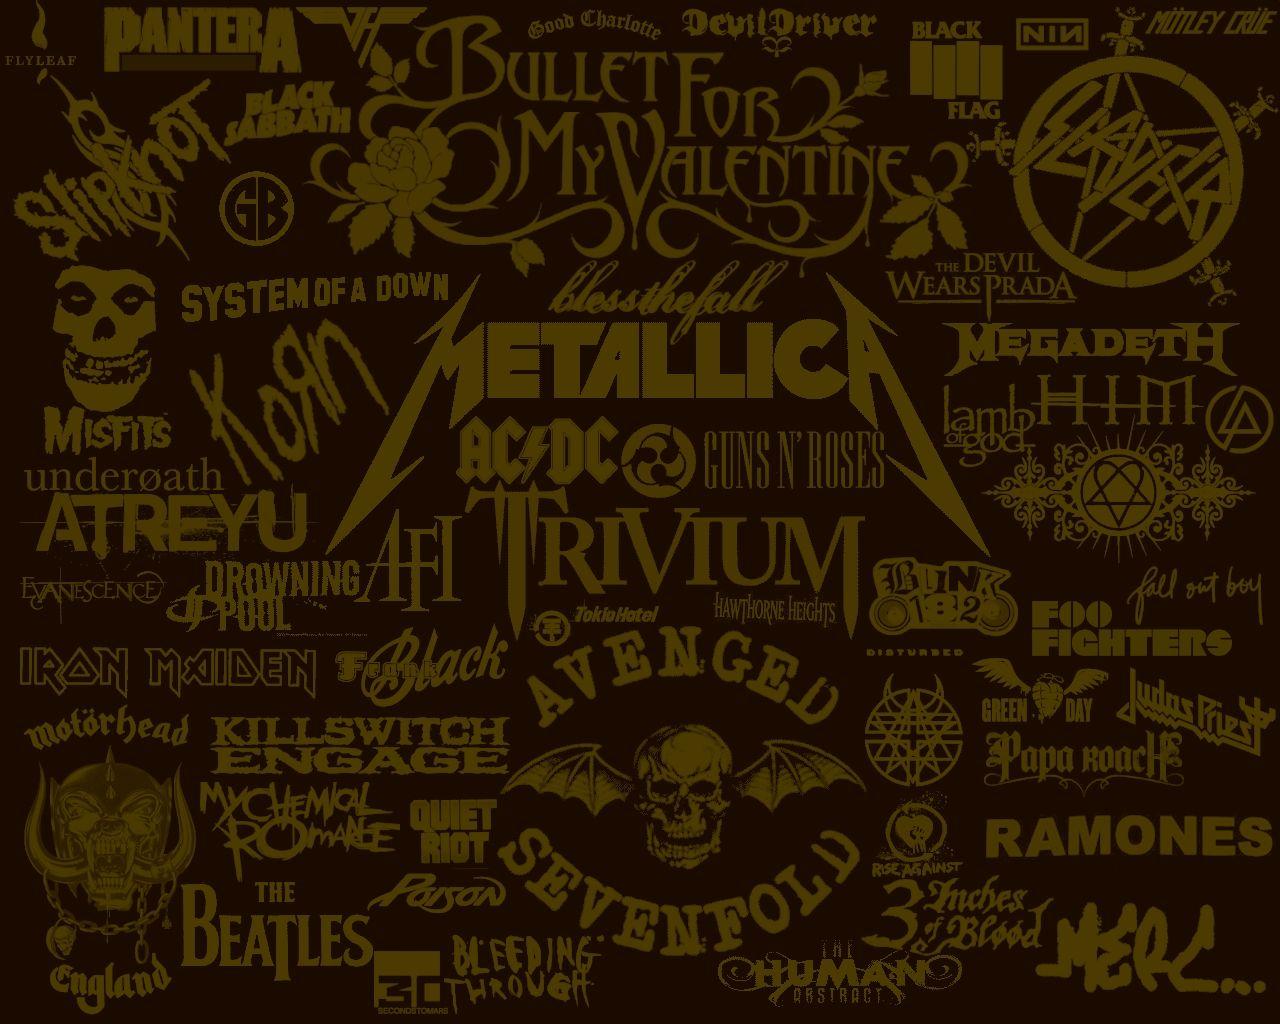 Papel de parede bandas de rock 2 wallpaper para download - Bandas protectoras de paredes ...